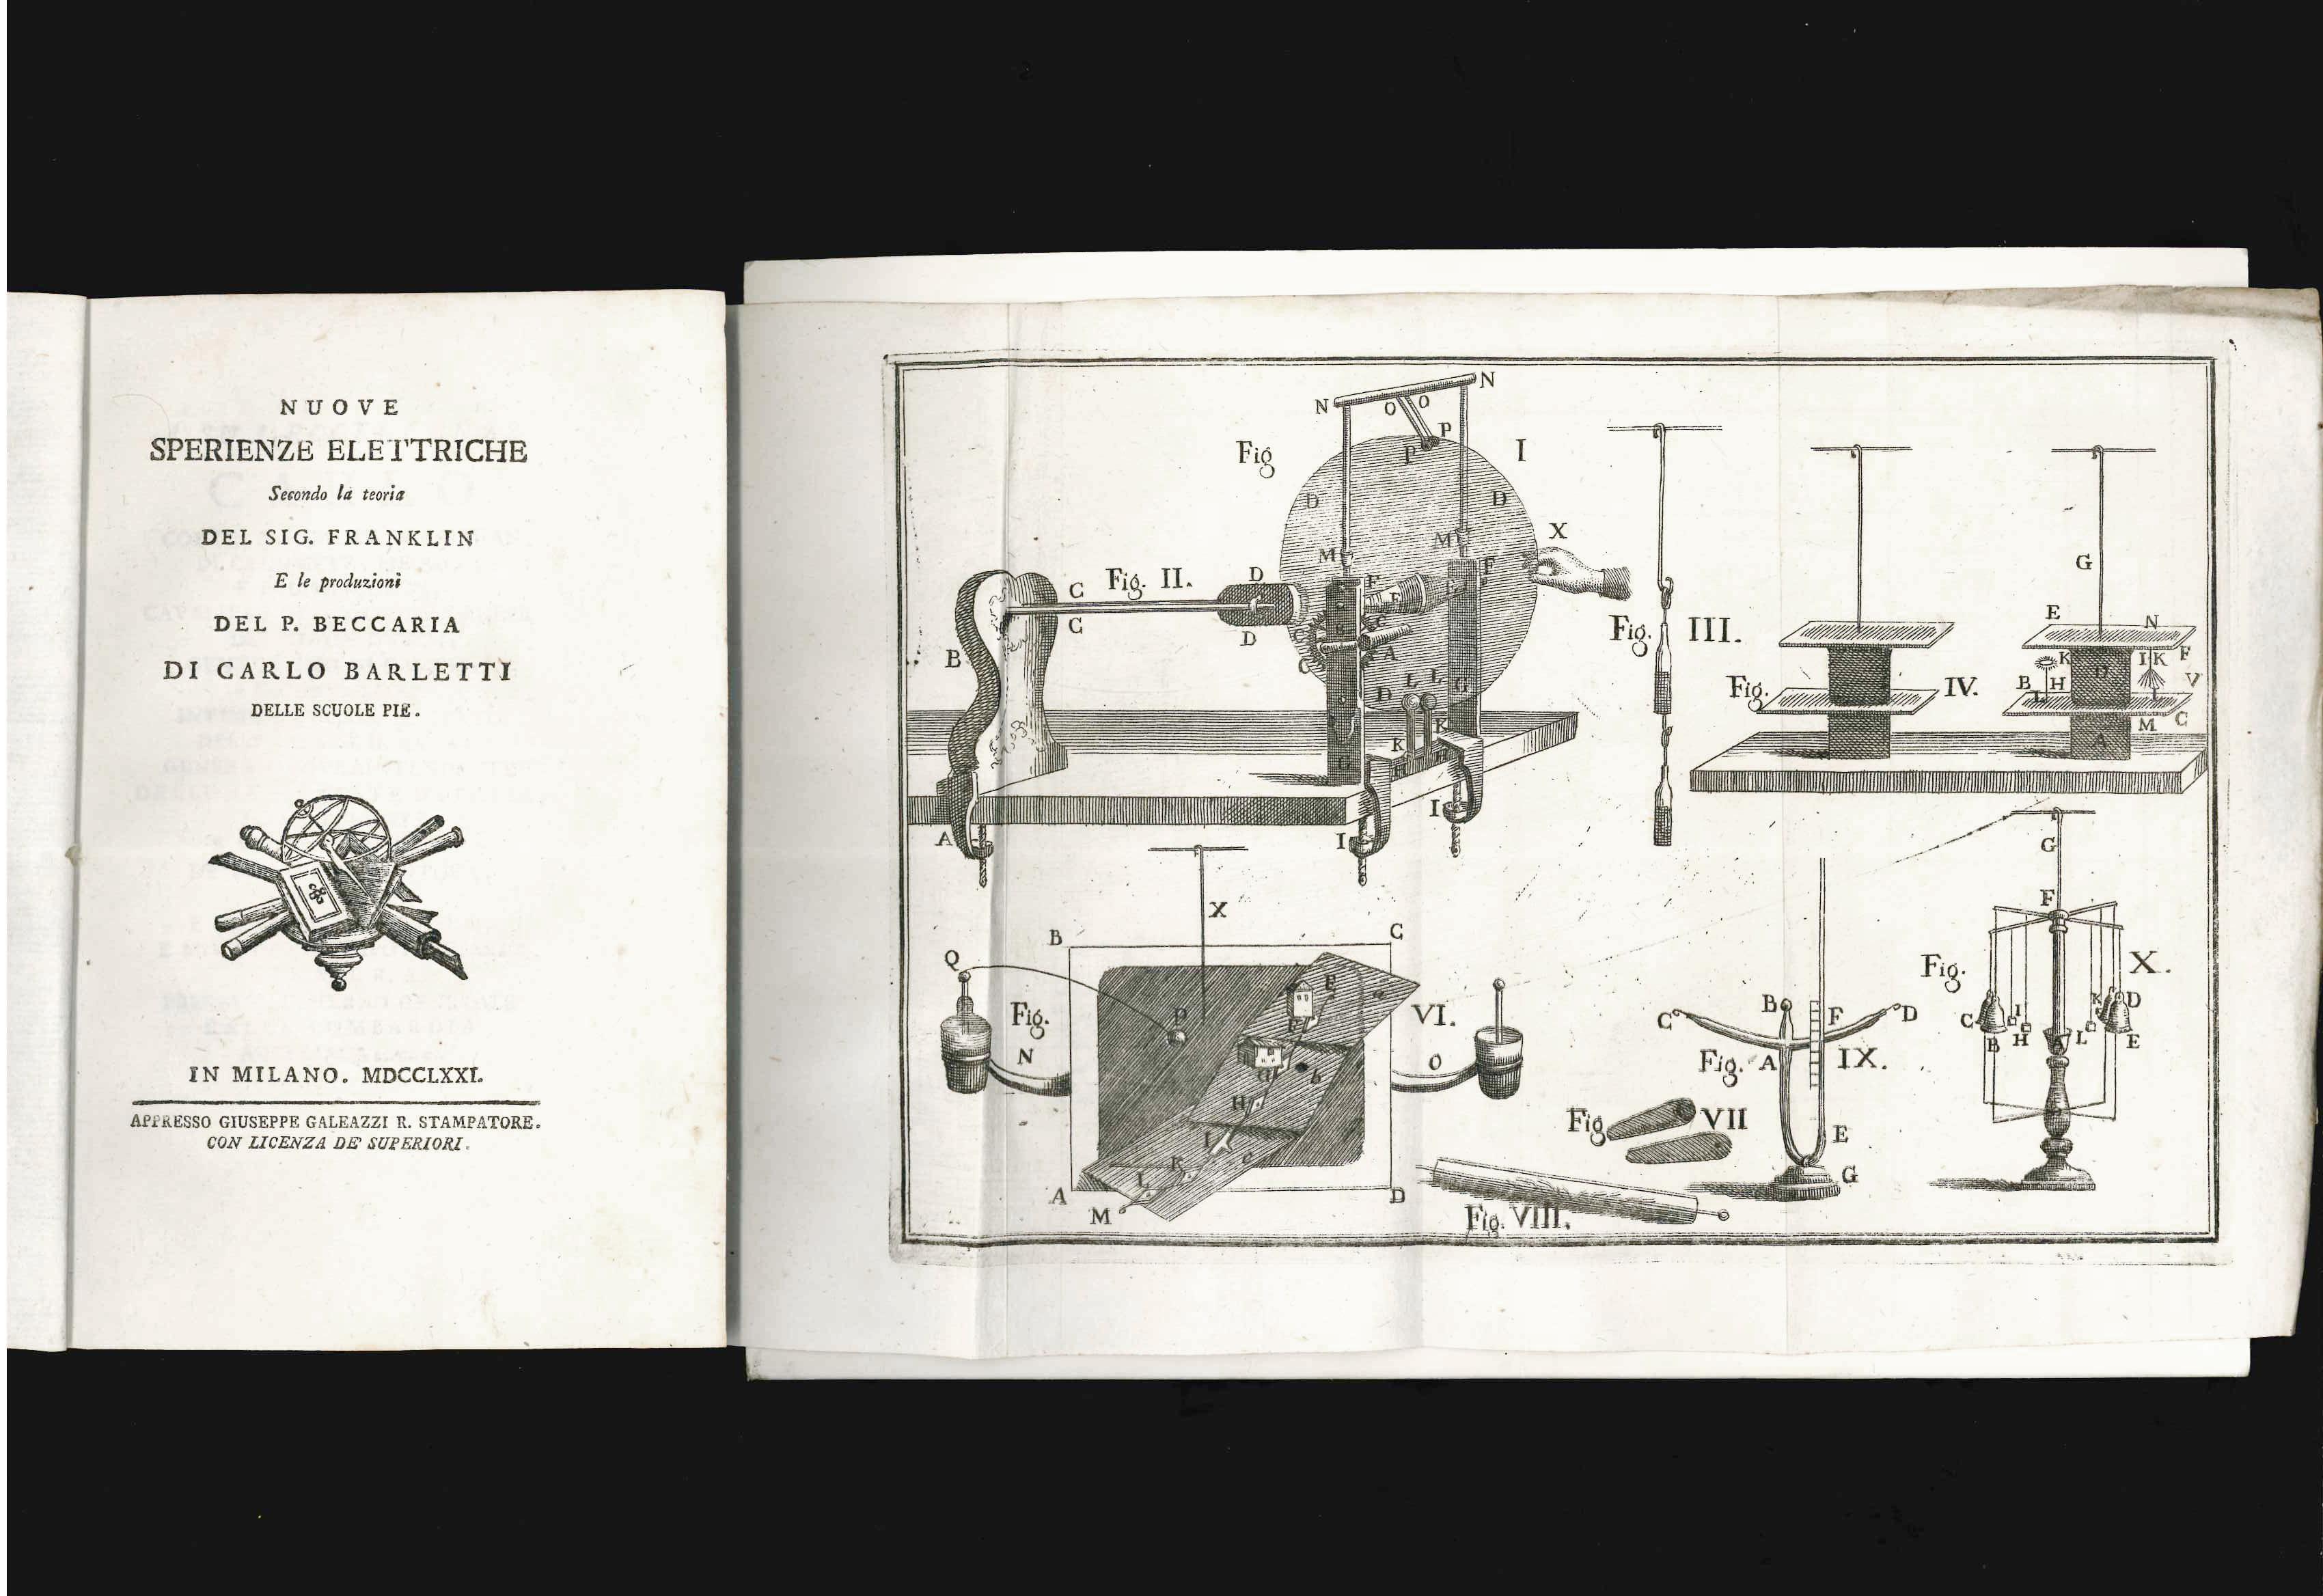 [Benjamin Franklin] Carlo Barletti — Nuove sperienze elettriche secondo la teoria del sig. Franklin. E le produzioni del P. Beccaria di Carlo Barletti delle Scuole Pie